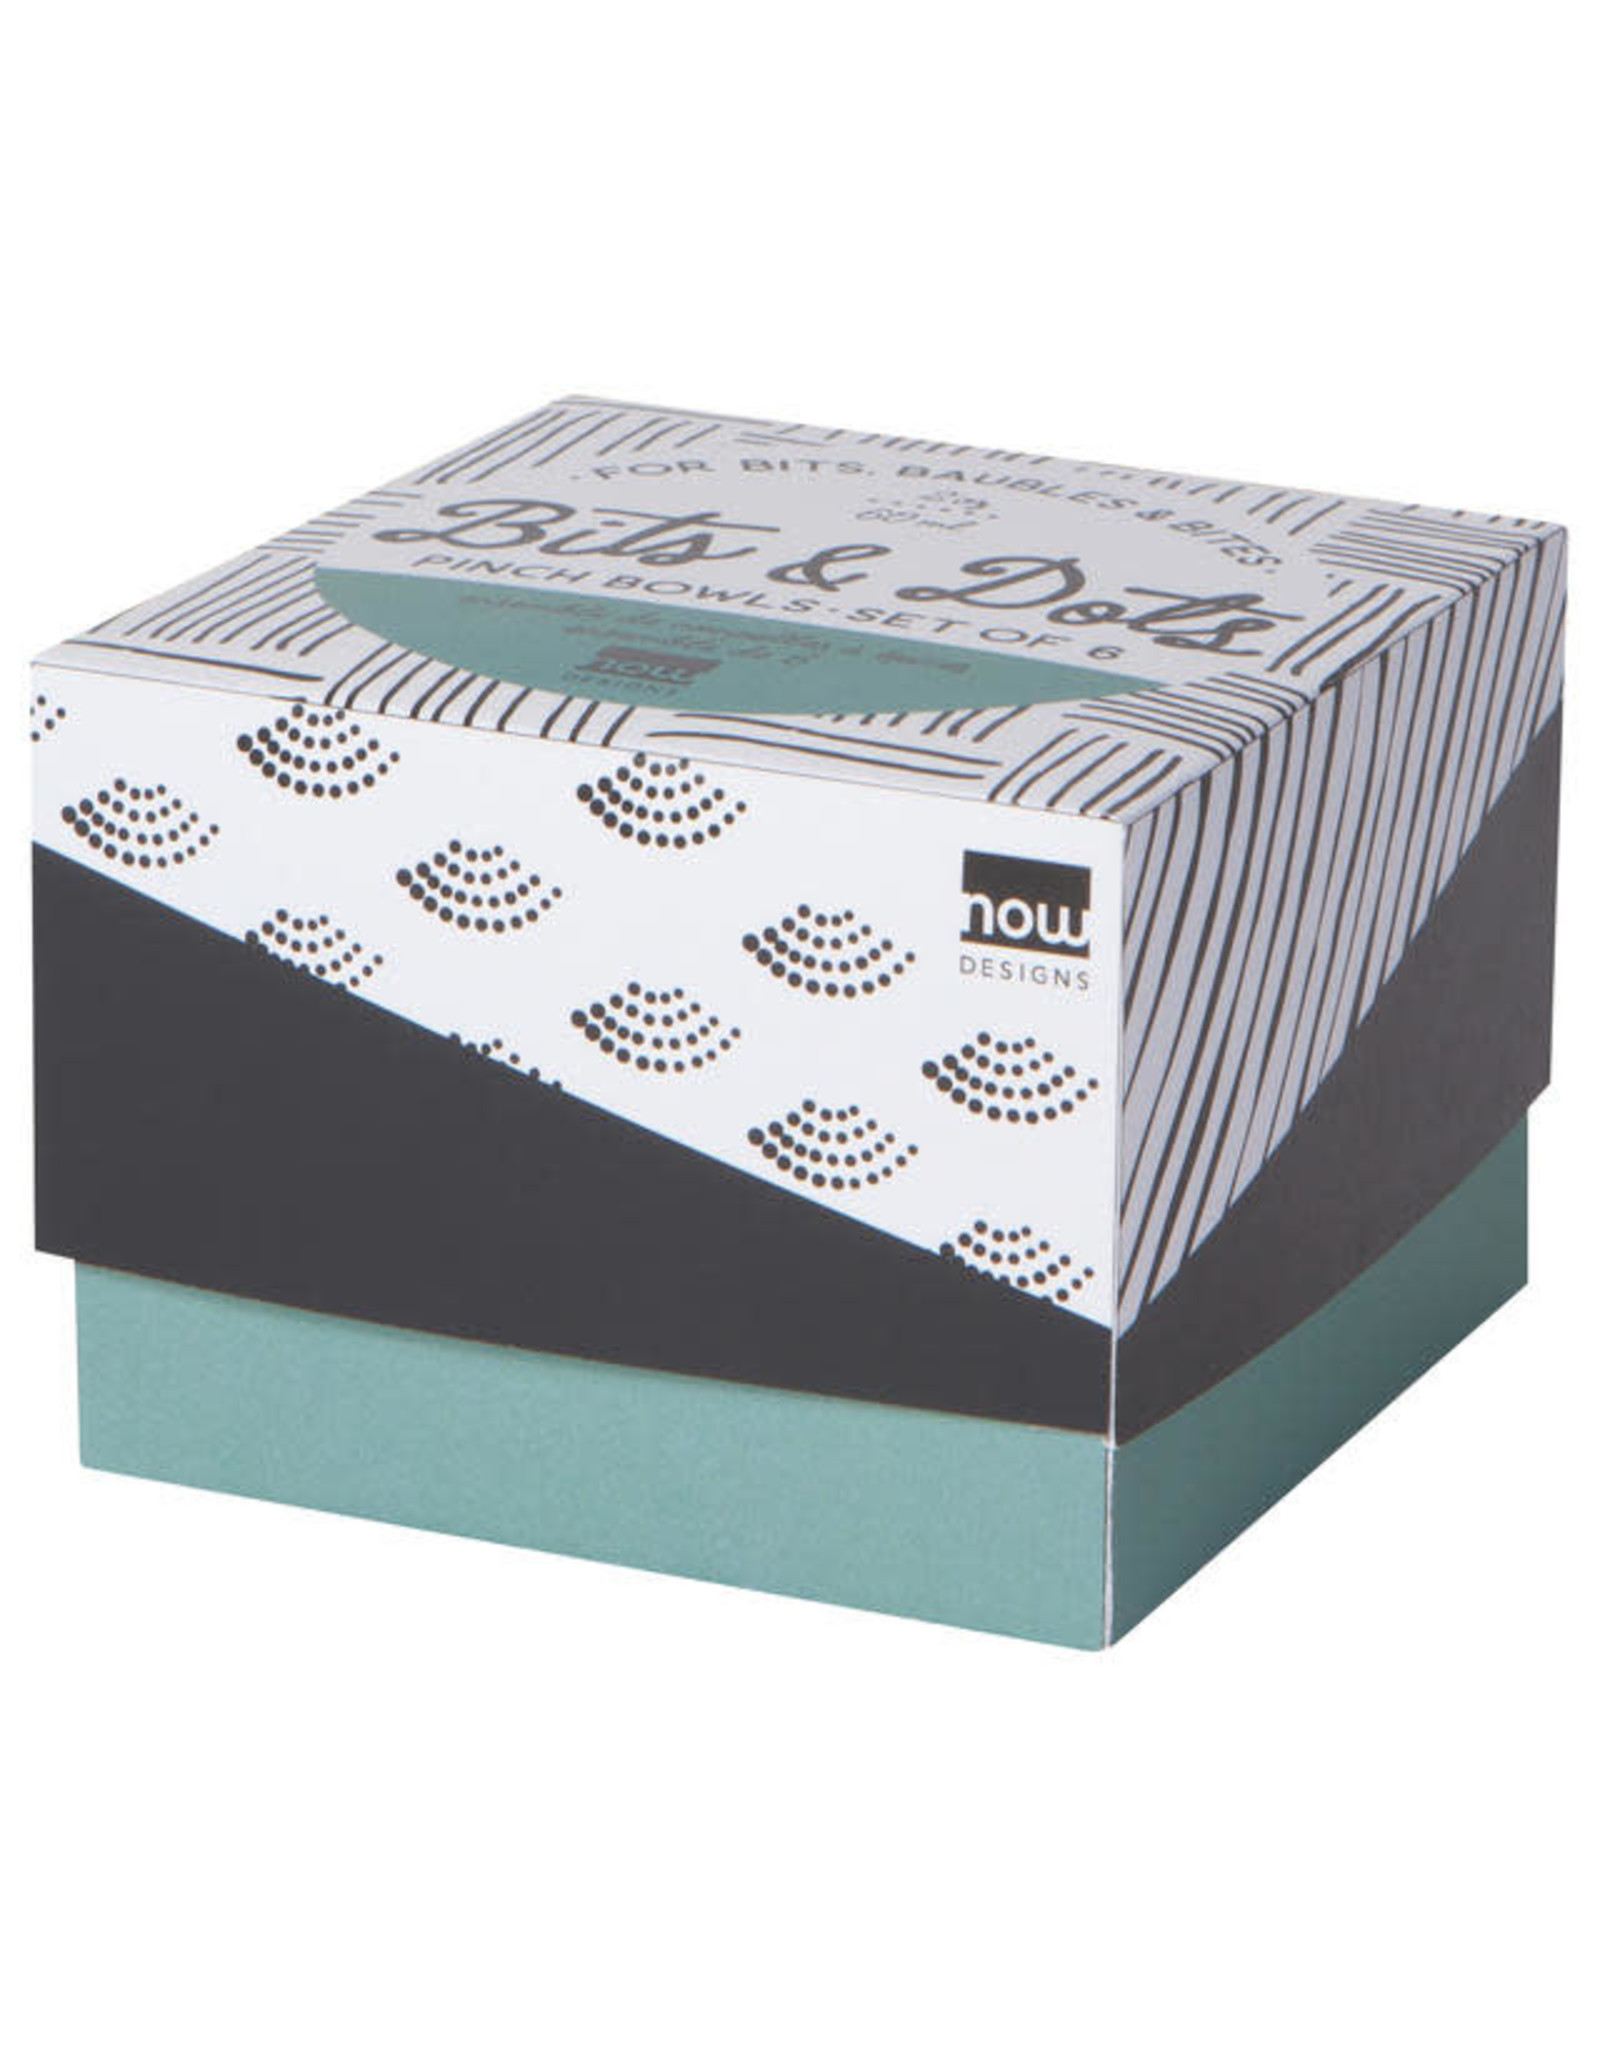 Bits & Dots Pinch Bowl Set of 6 - Black/White